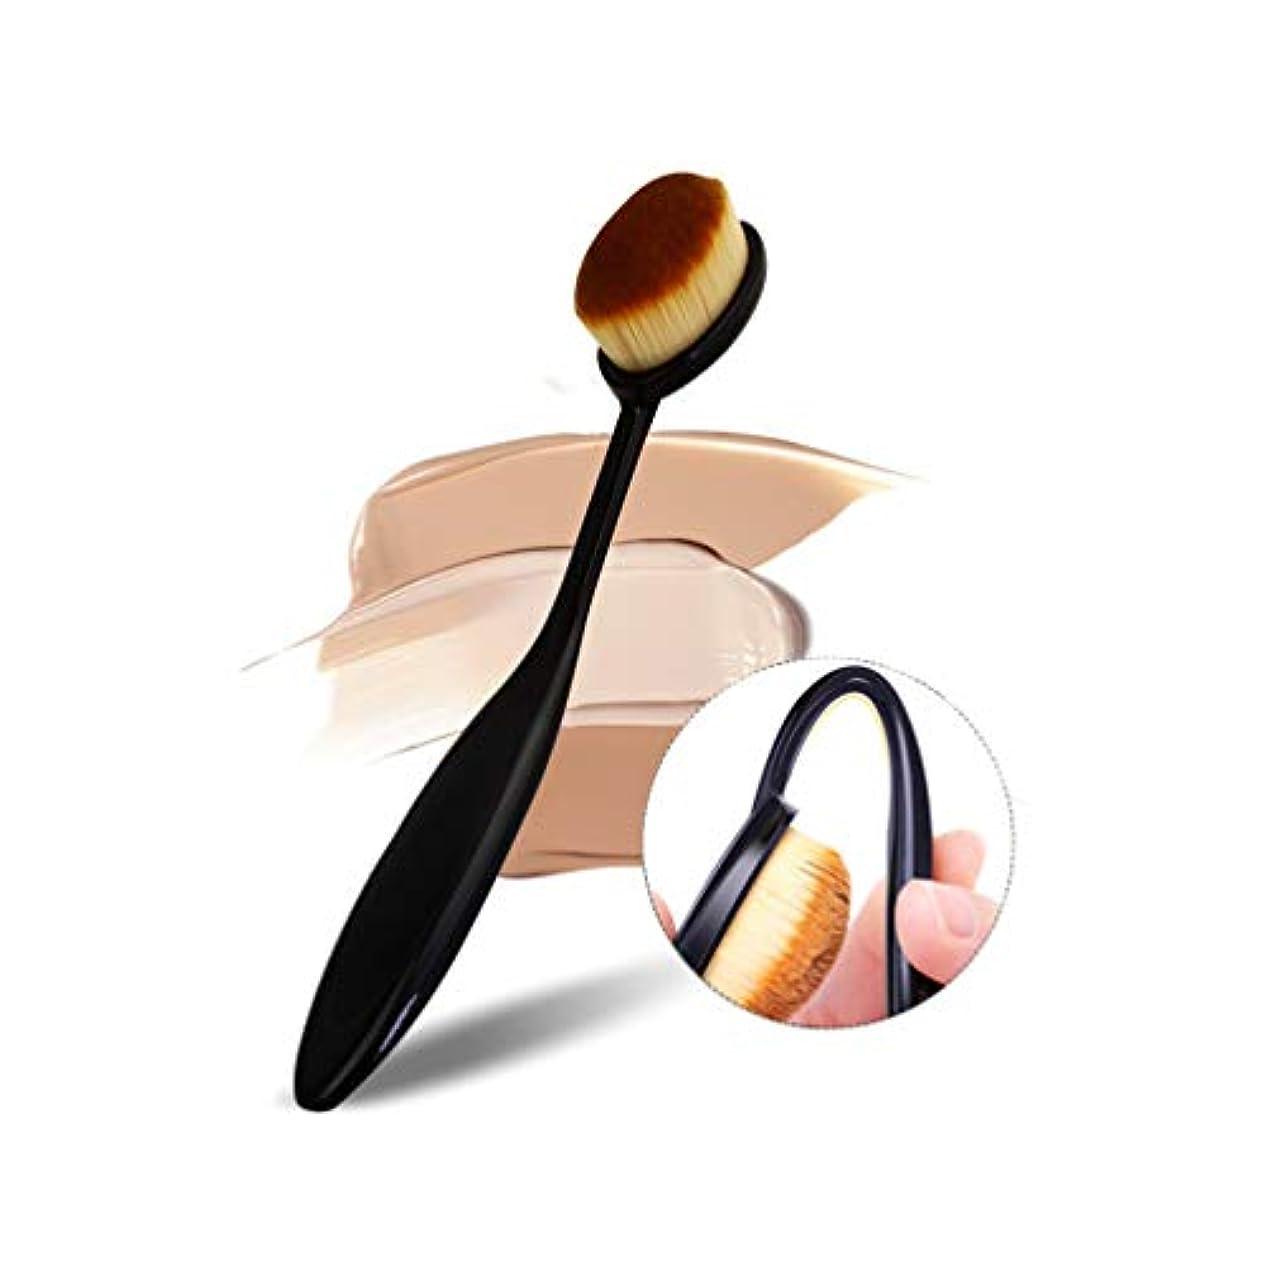 存在するスイングマイルSHARE BEAUTY メイクブラシ ファンデーションブラシ 歯ブラシ型 可愛い 人気 おしゃれ きめ細やかな繊維毛 柔らかい 多機能 シングル メイクアップツール 高品質 軽量 携帯便利 通勤、出張、旅行、自宅用 敏感肌適用...